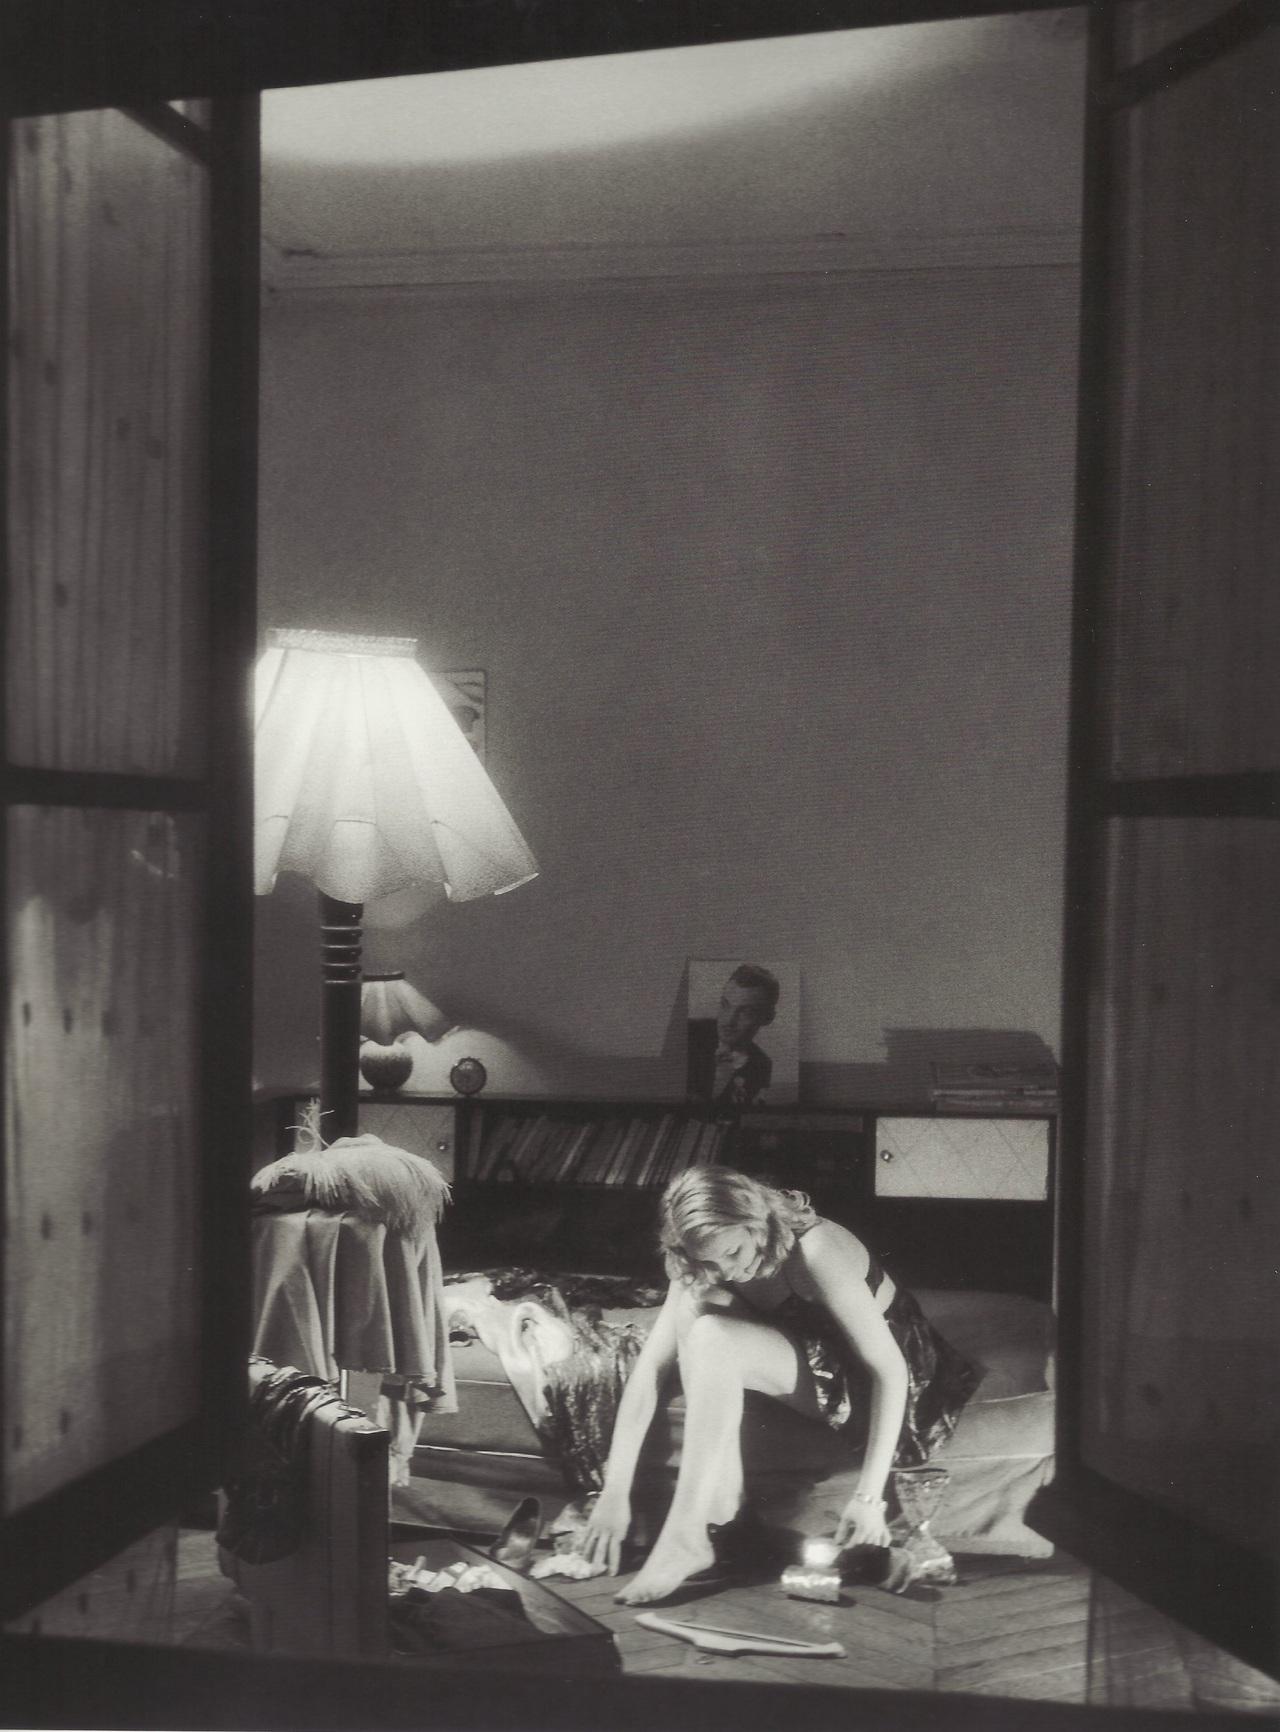 1946. Молодая женщина на кровати у открытого окна, Париж